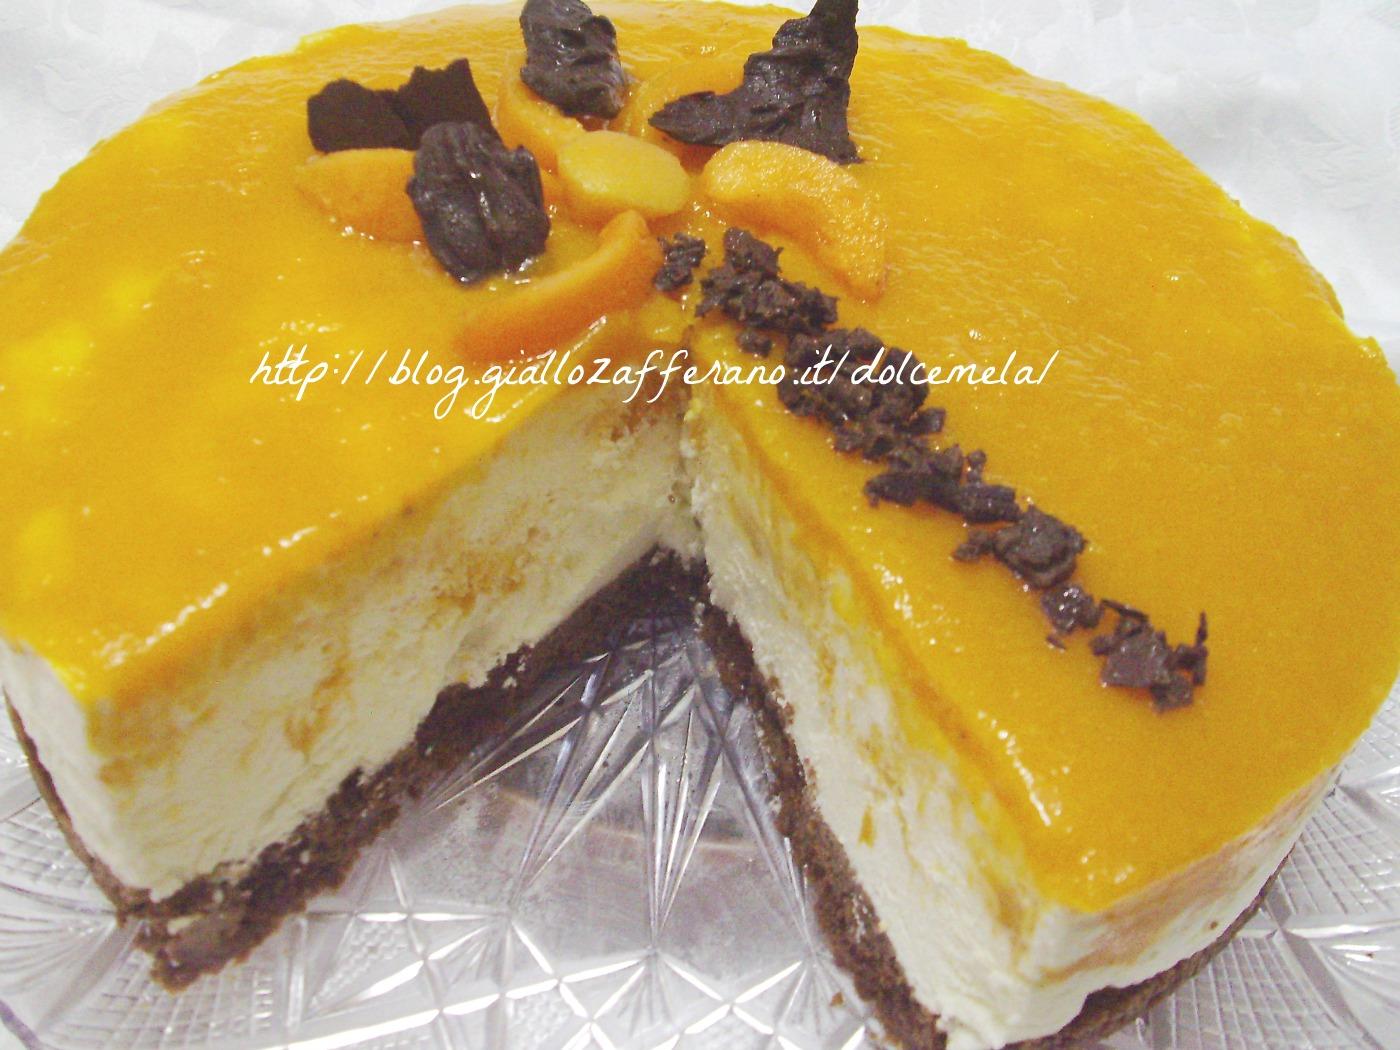 torta fresca con yogurt e albicocche ricetta con frutta di stagione da profumo di glicine